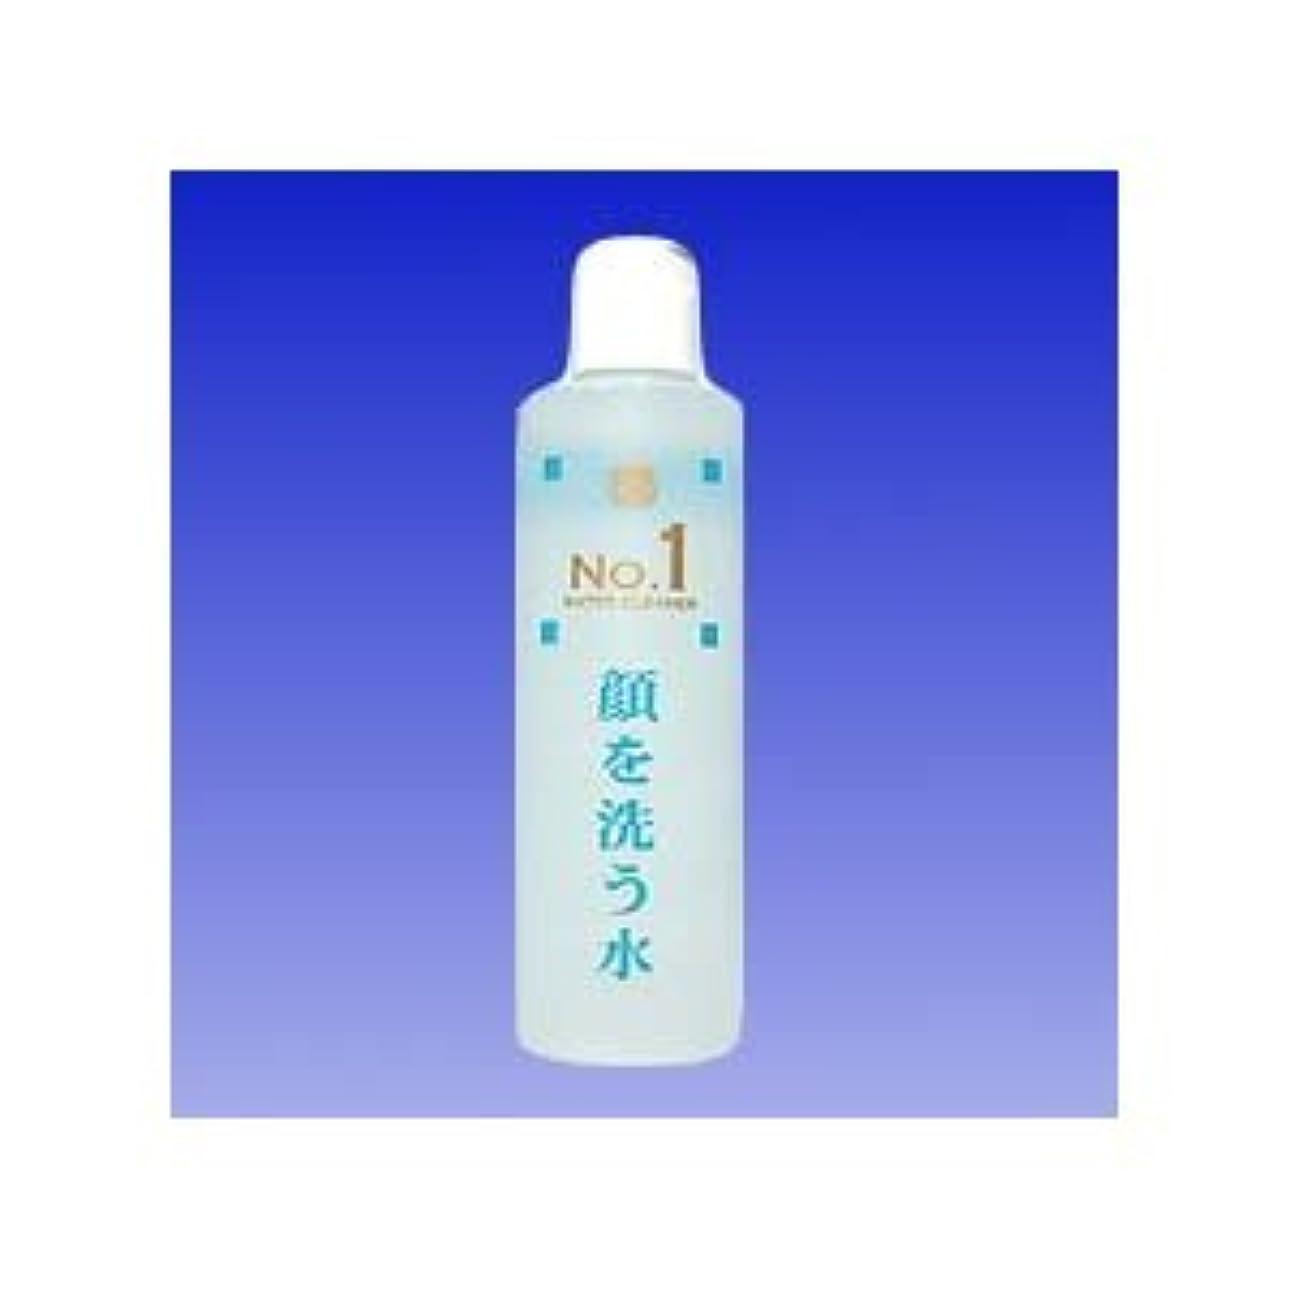 旅行伝統腰顔を洗う水 ウォータークリーナーNo1 250ml